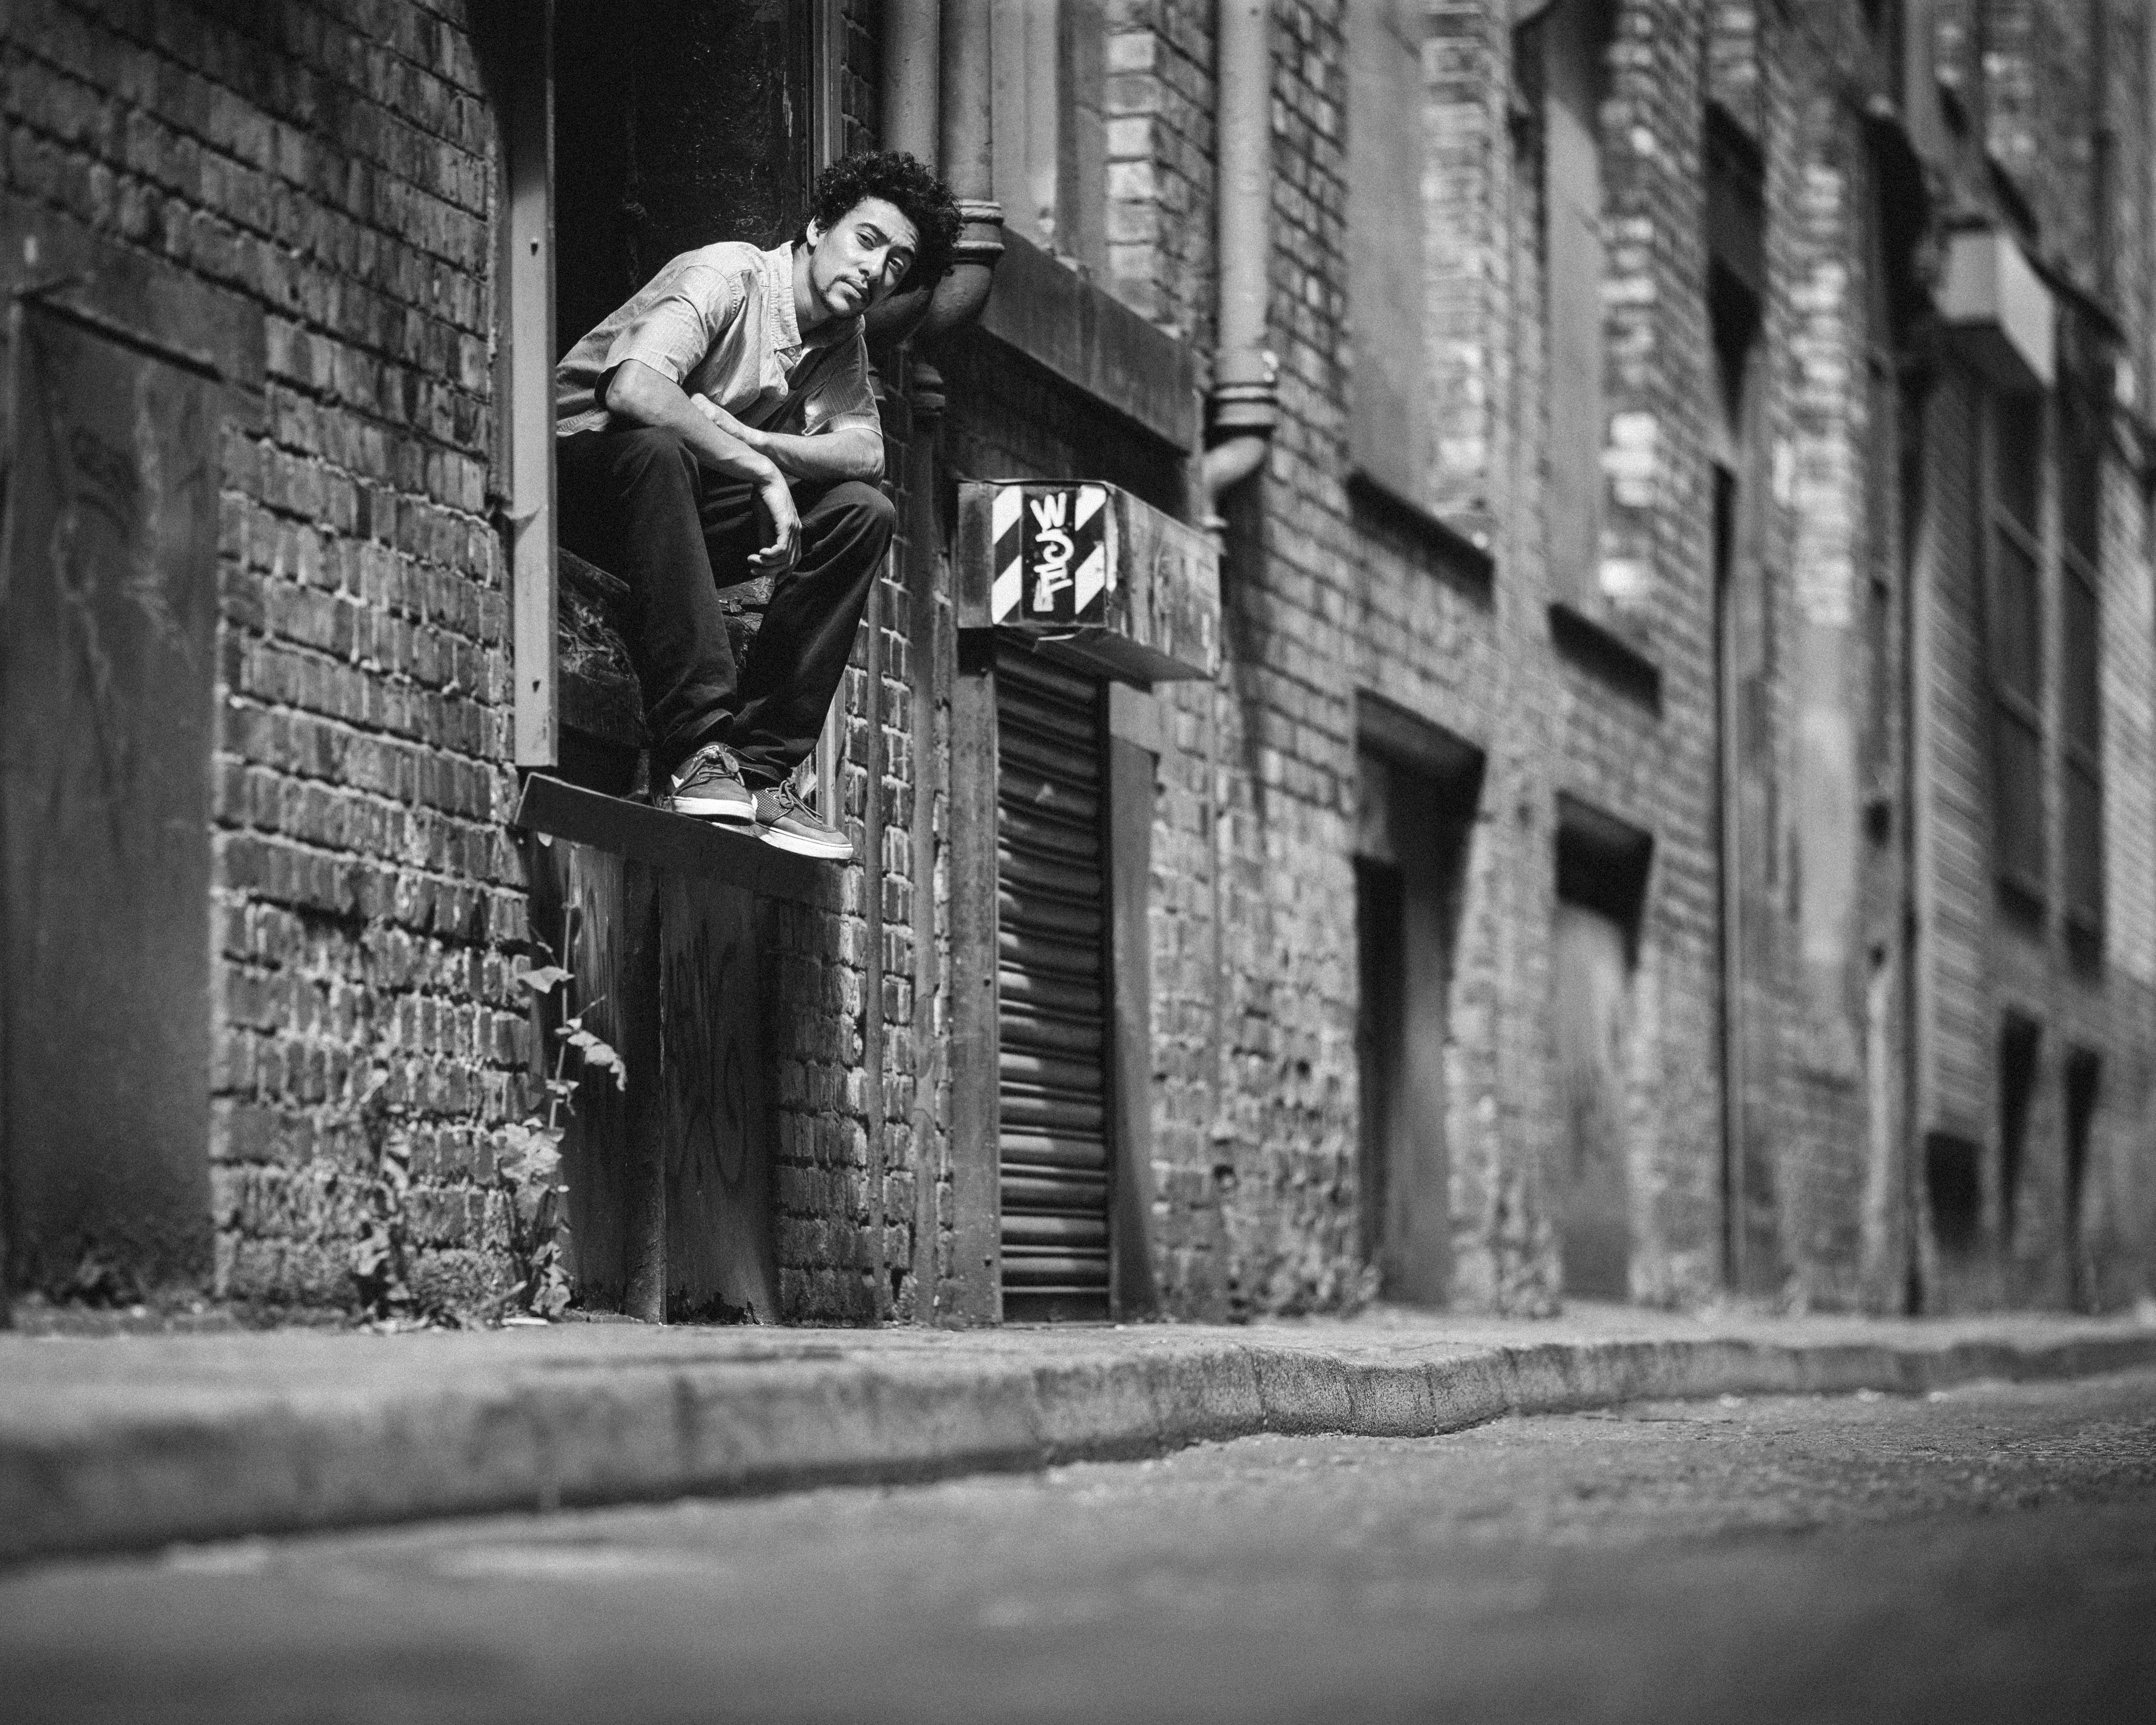 Tyrone O'Hanarahan, Manchester.